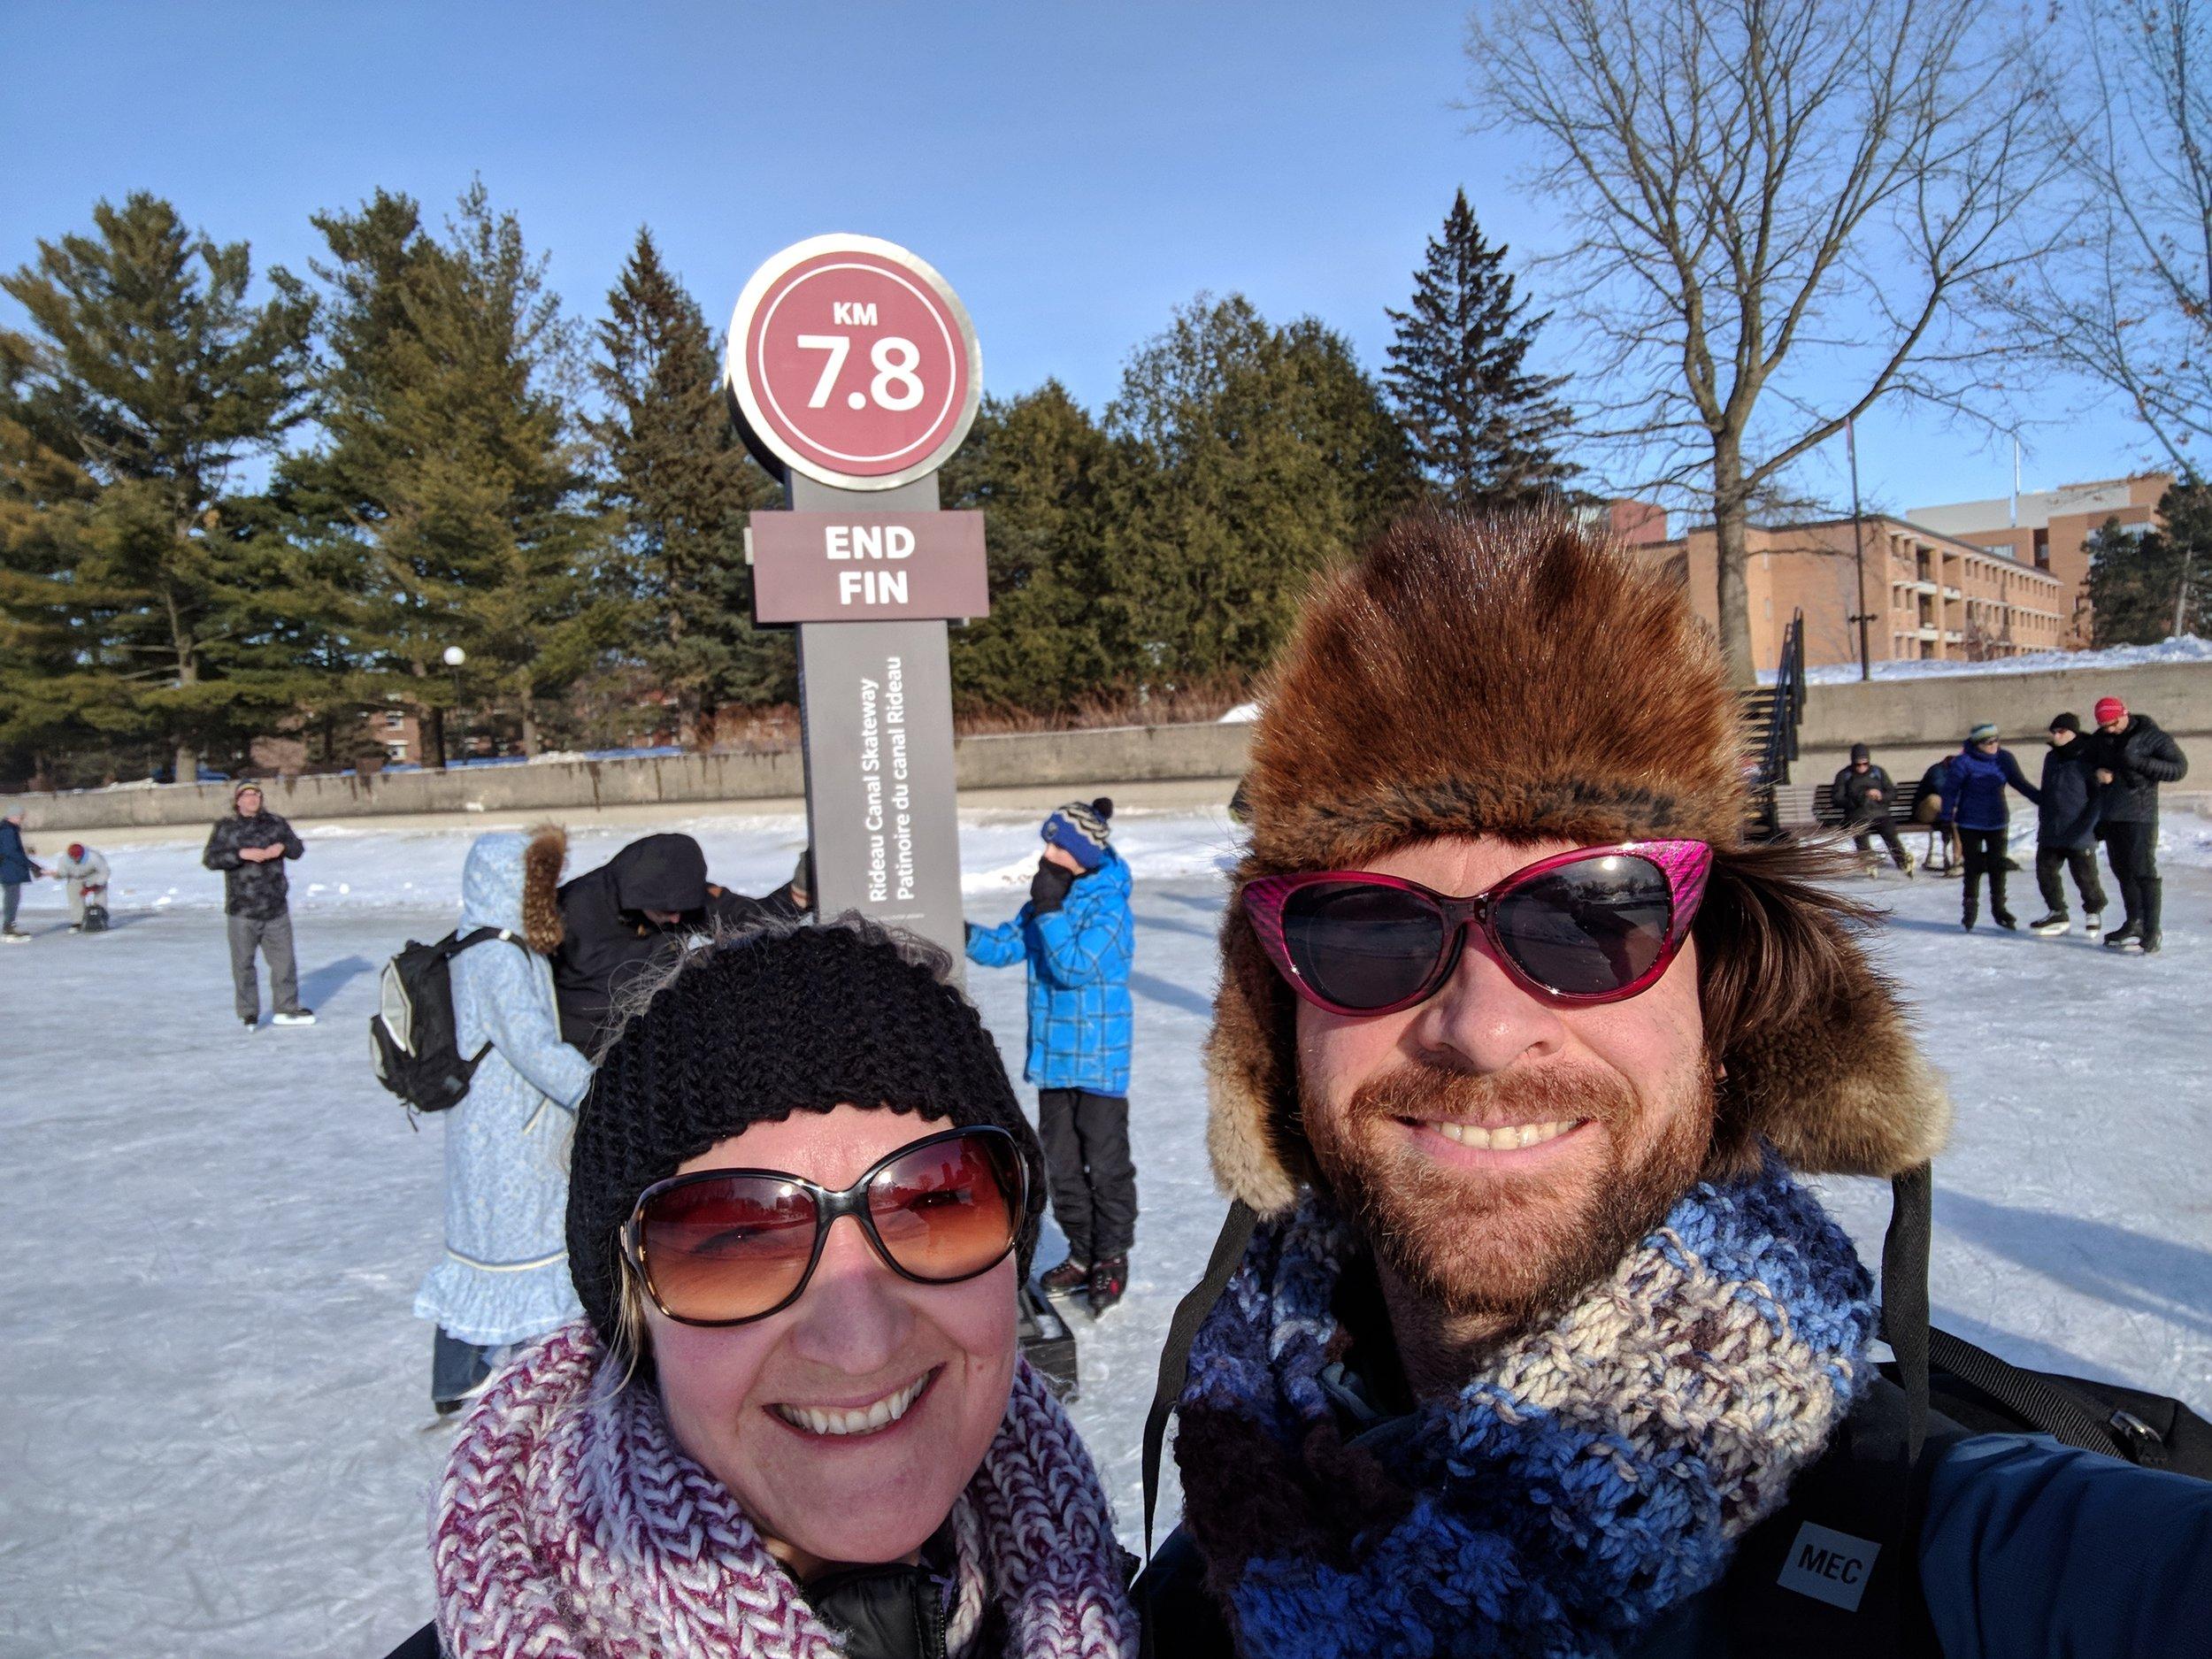 Kilometer 7.8! We made it!